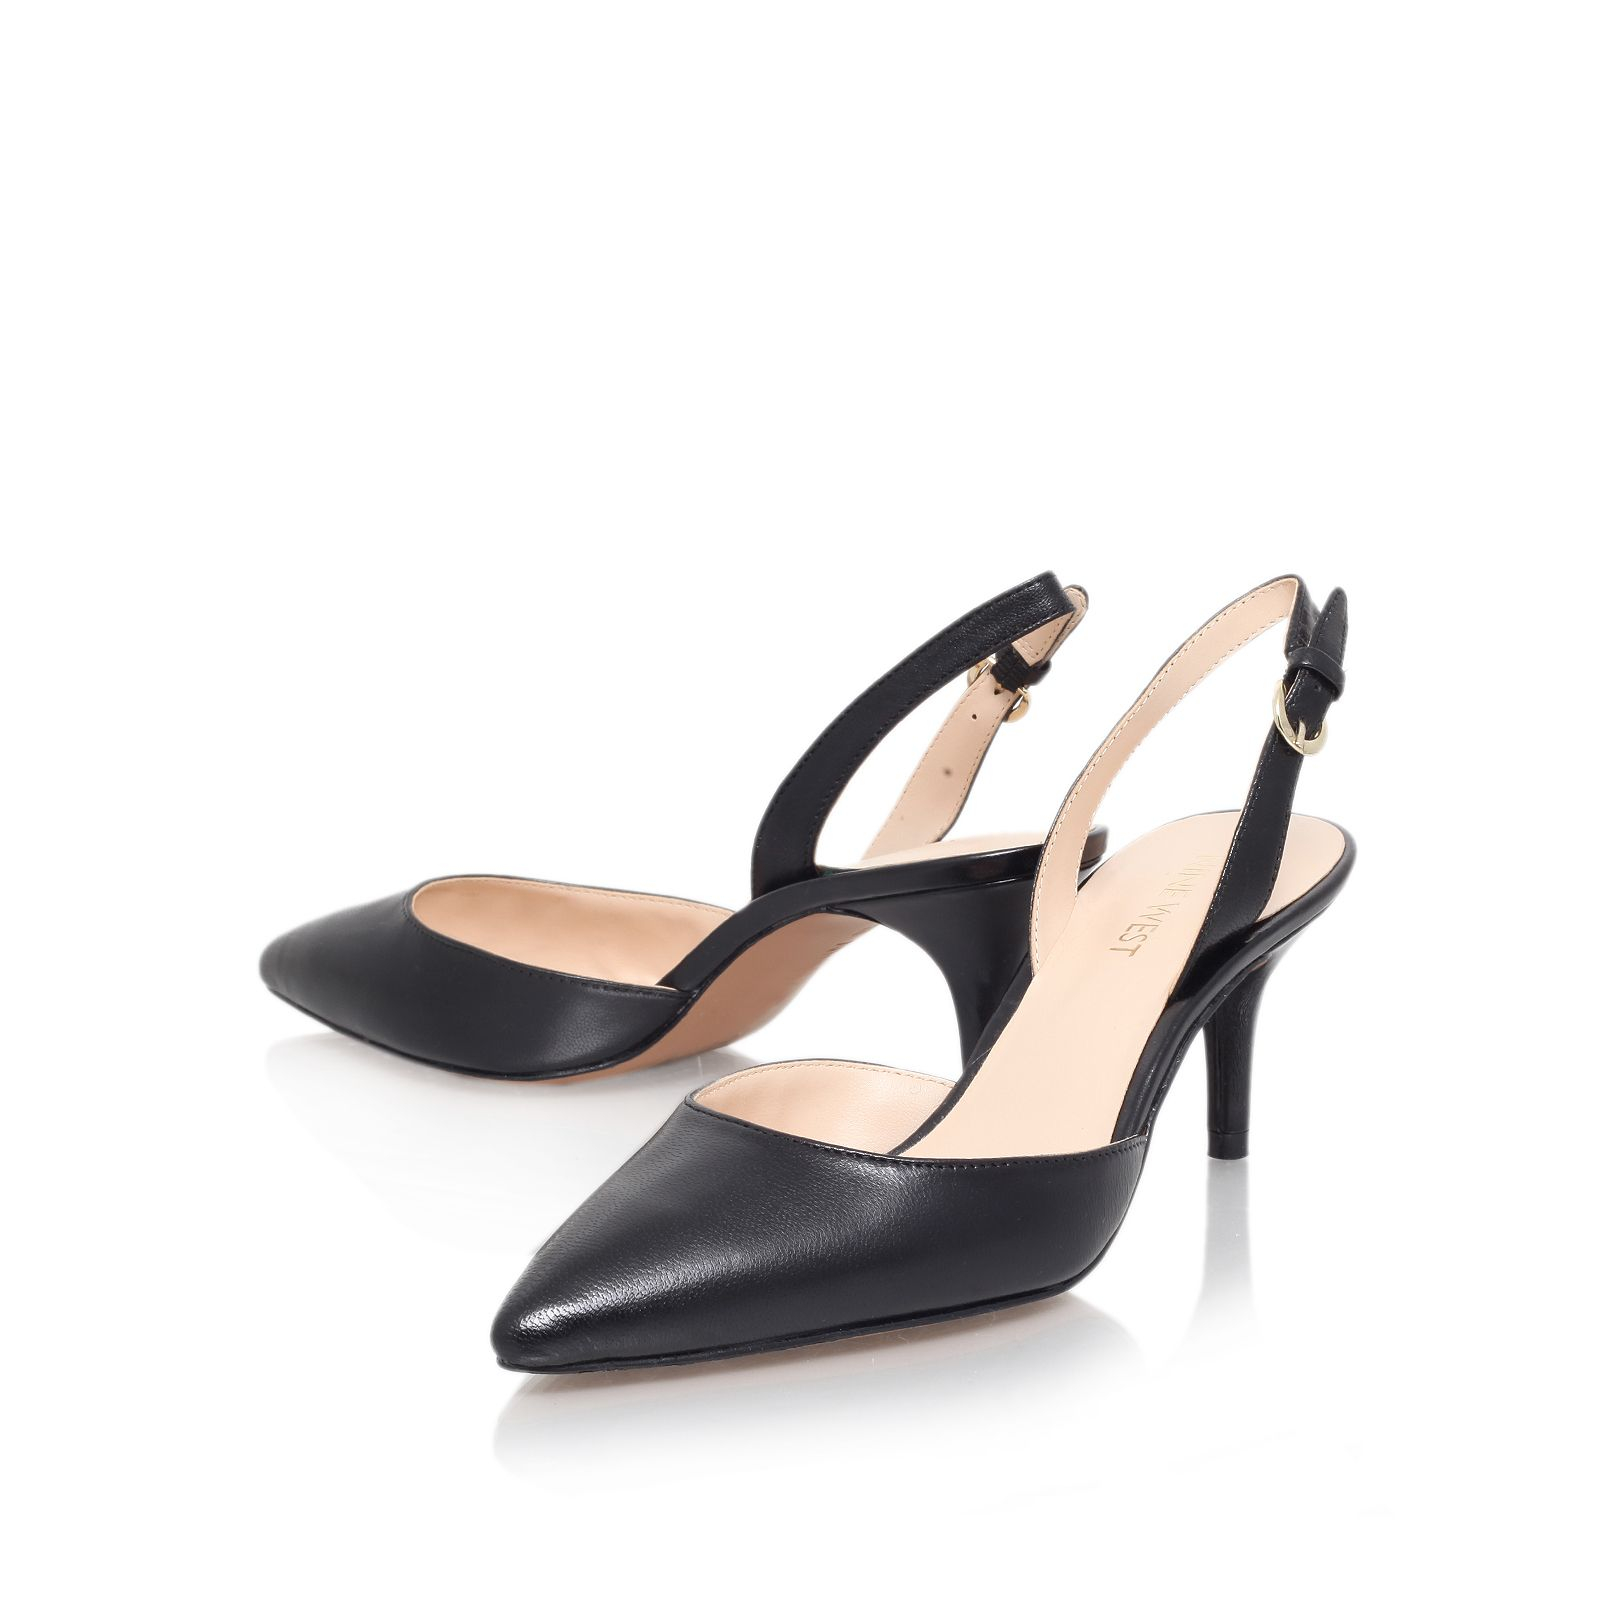 Nine West Court Shoes Uk